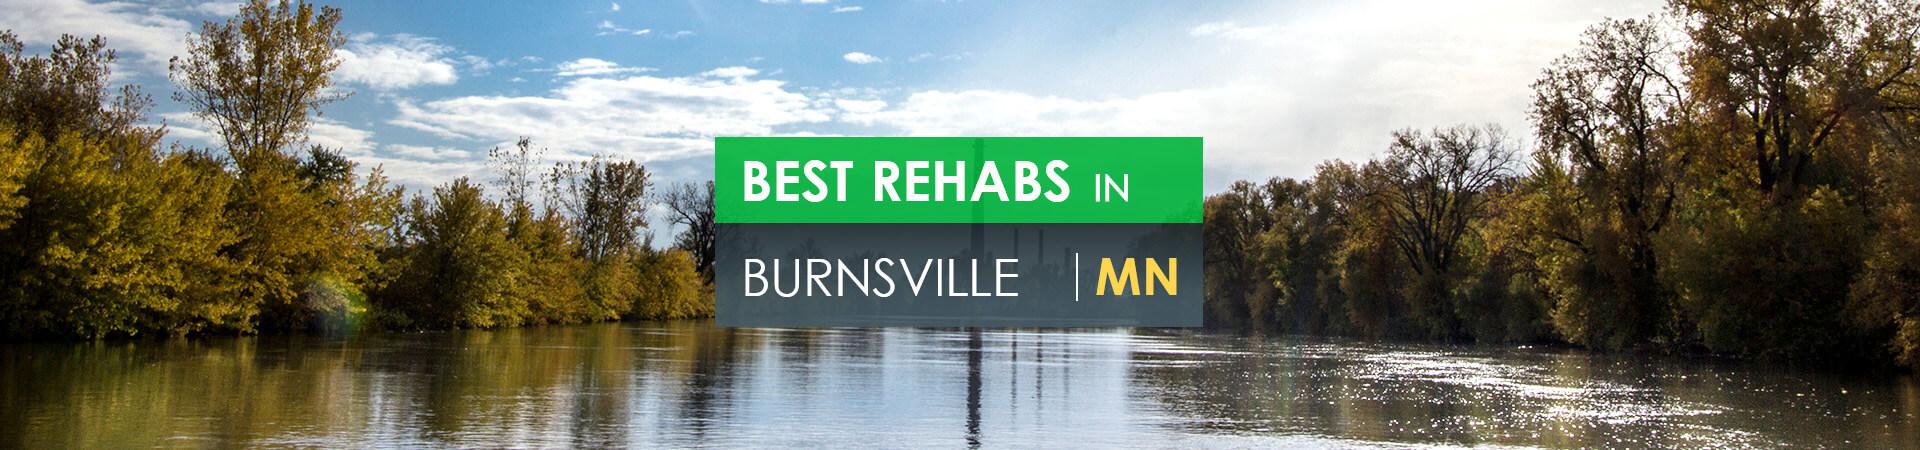 Best rehabs in Burnsville, MN